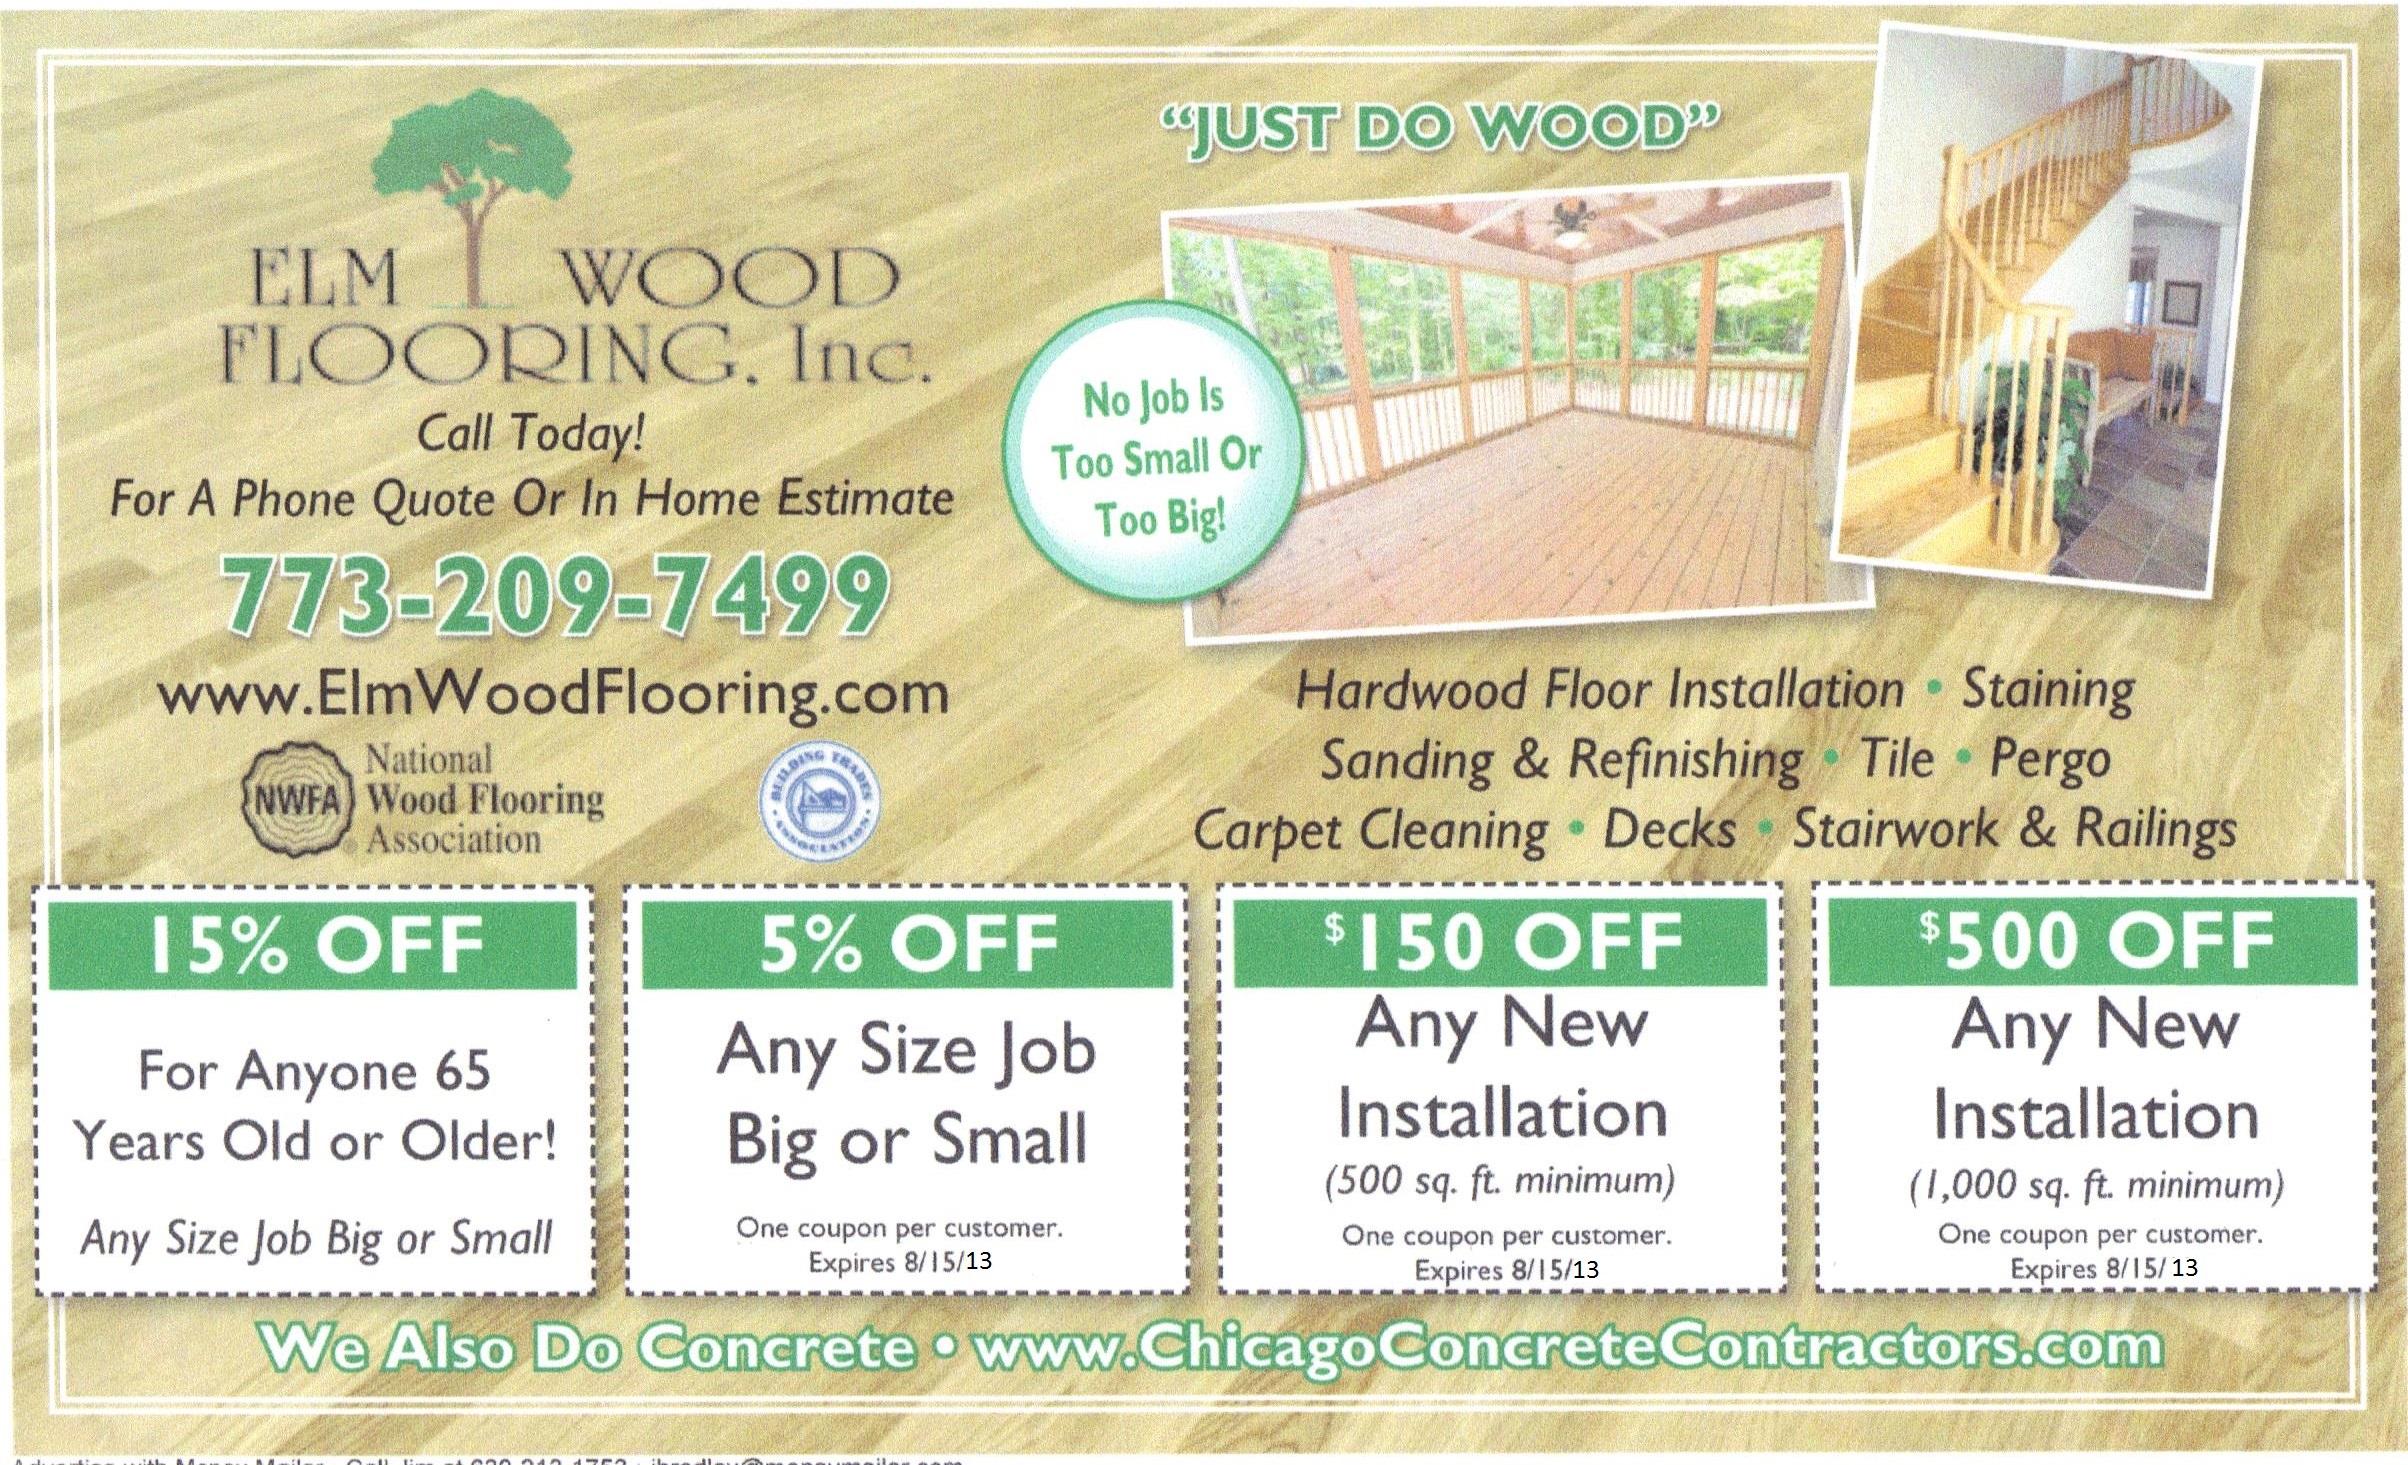 Tools4flooring Promo Code Flooring Designs